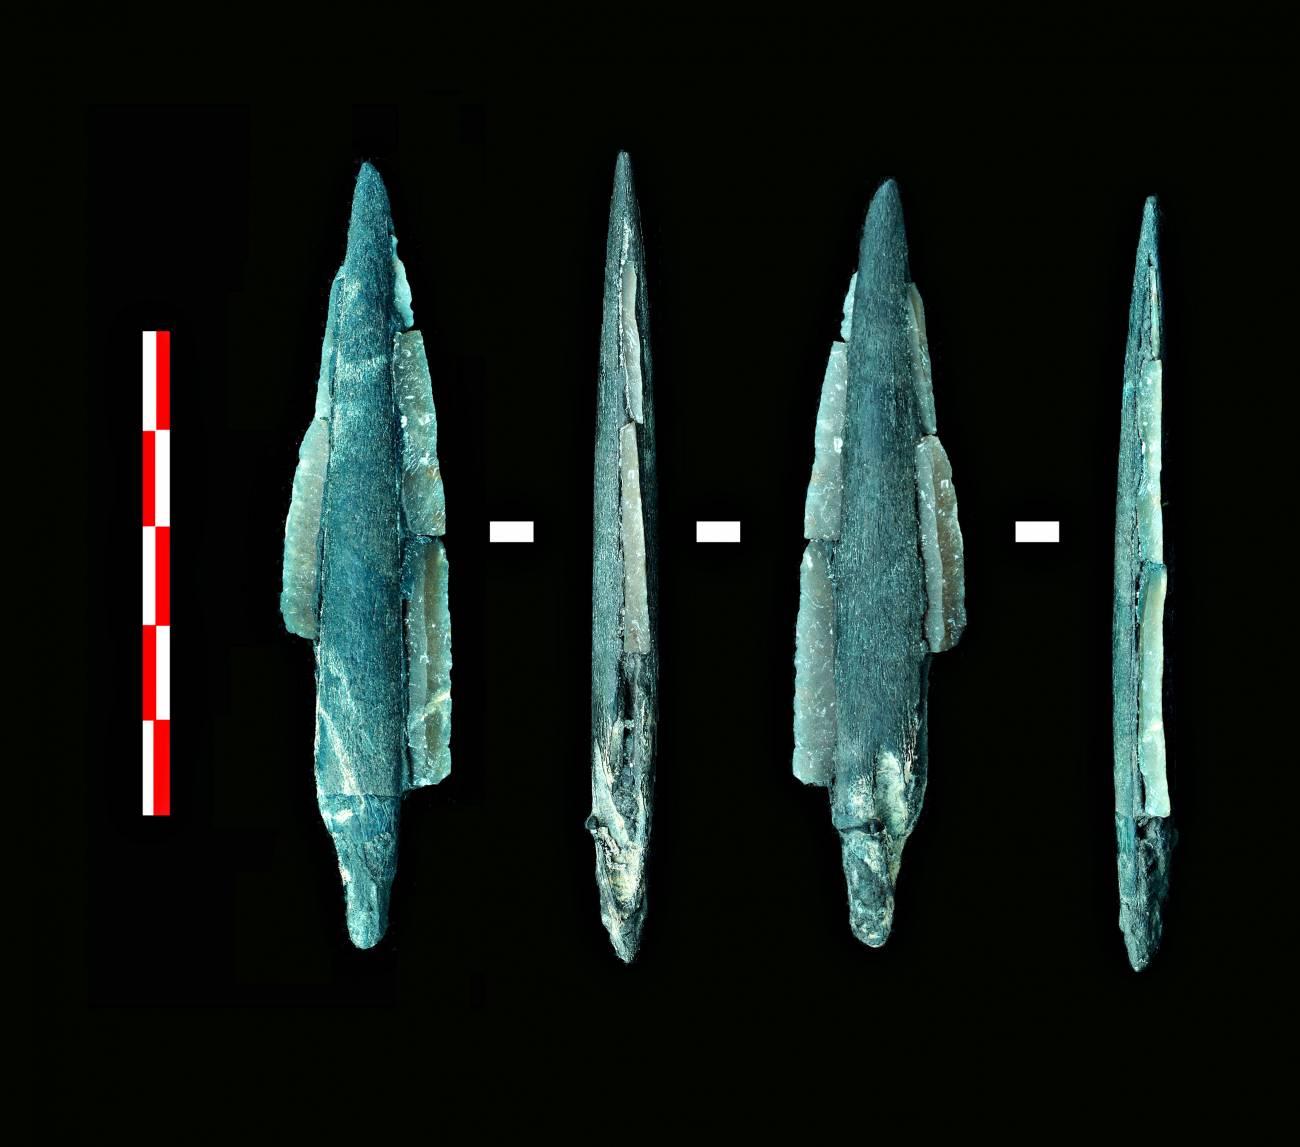 Herramientas encontradas en el yacimiento de la cuenca del río Dubná, cerca de Moscú. Imagen: Ignacio Clemente/CSIC.